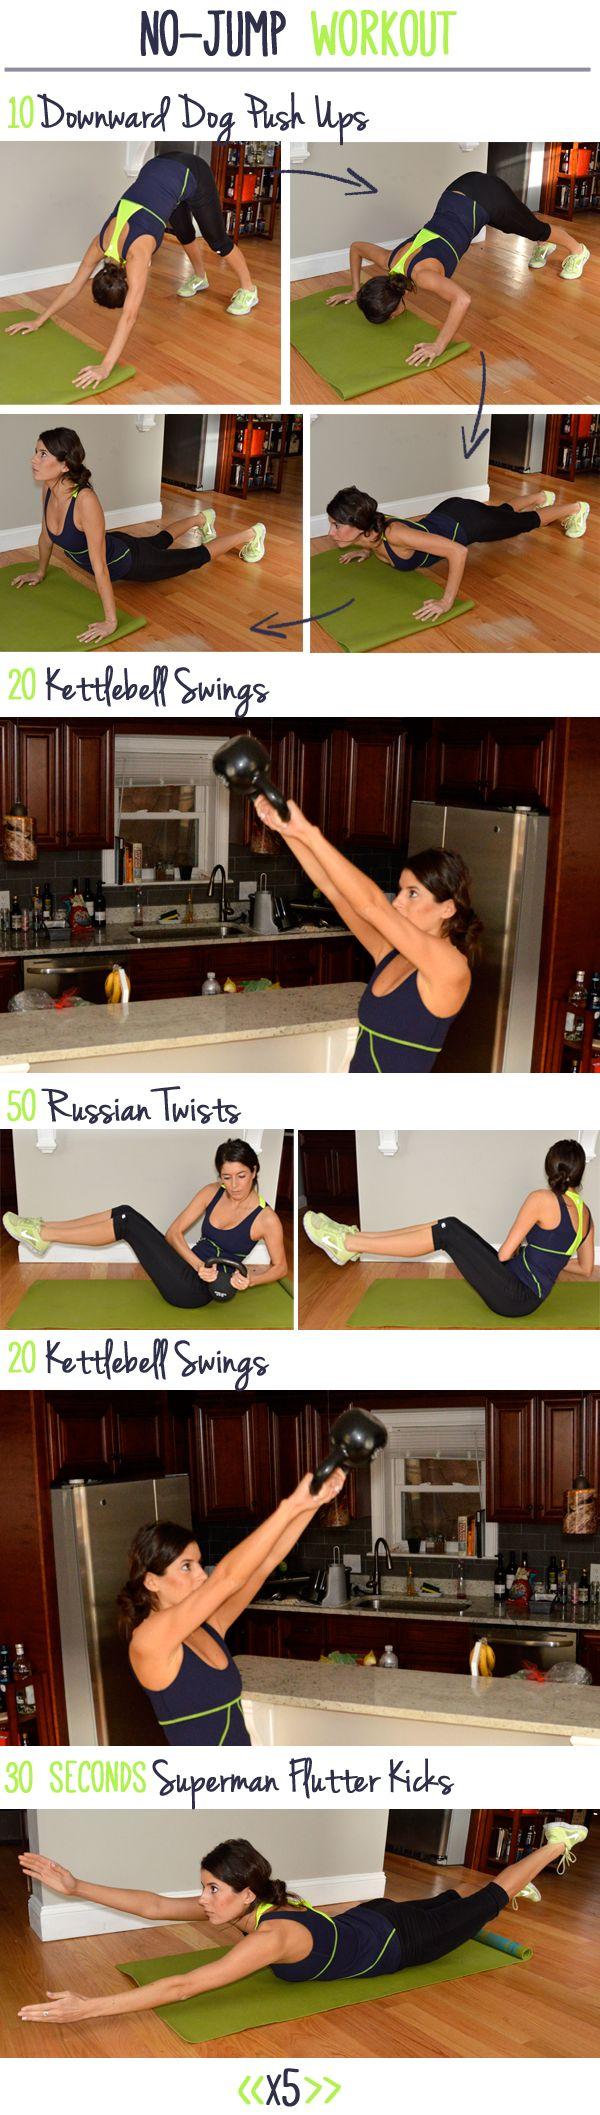 No-Jump (Quiet) Workout